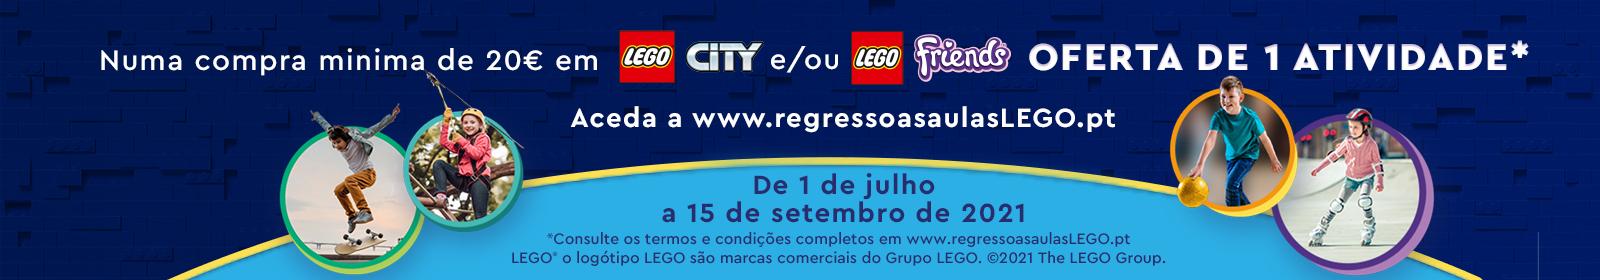 Promoção Lego